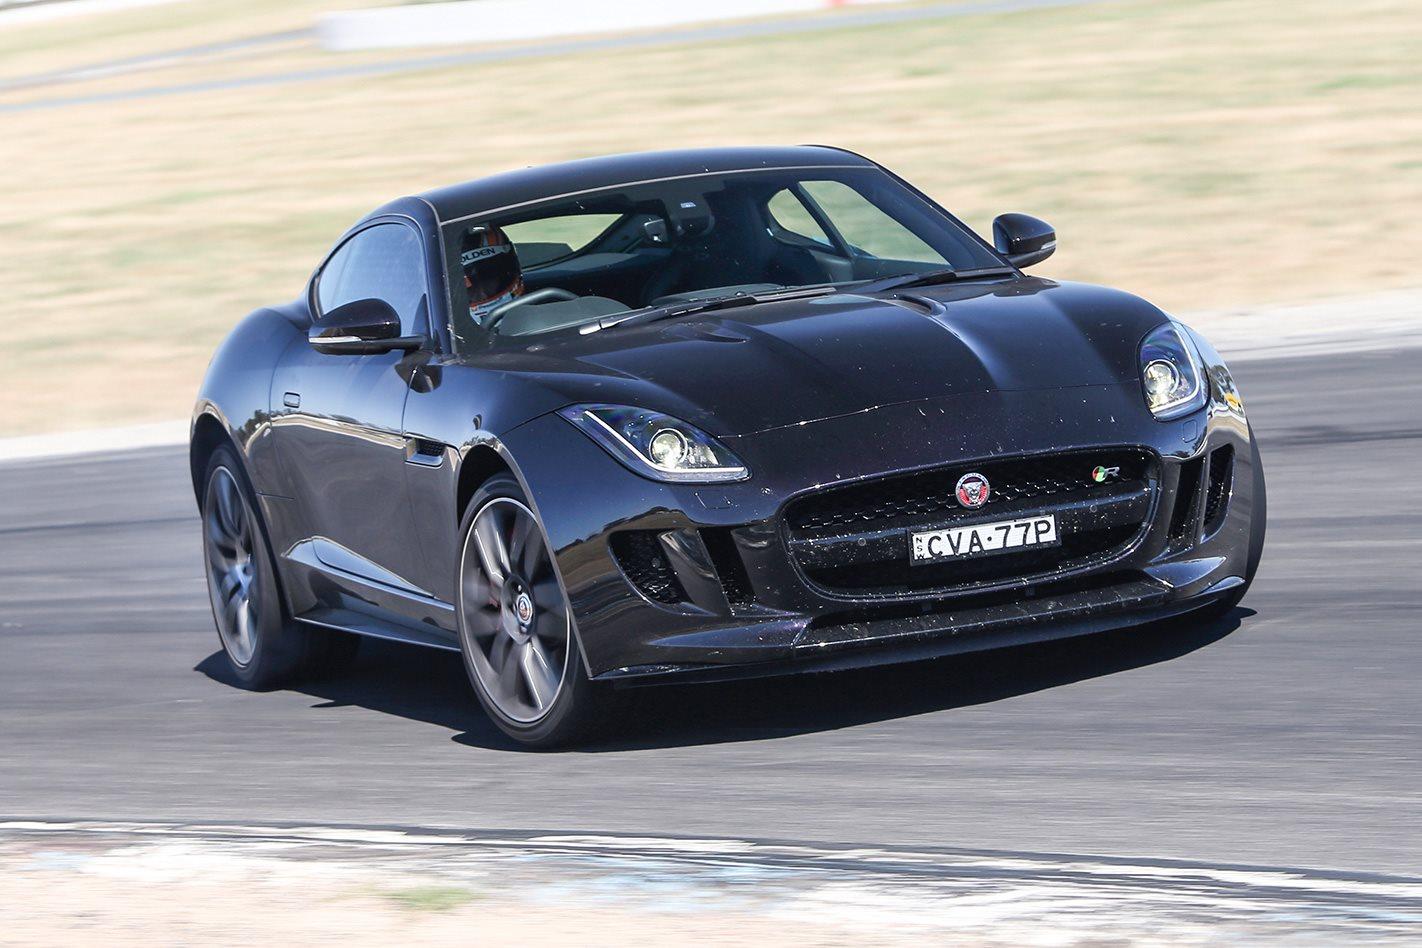 Jaguar-F-Type-V8-RWD-front.jpg